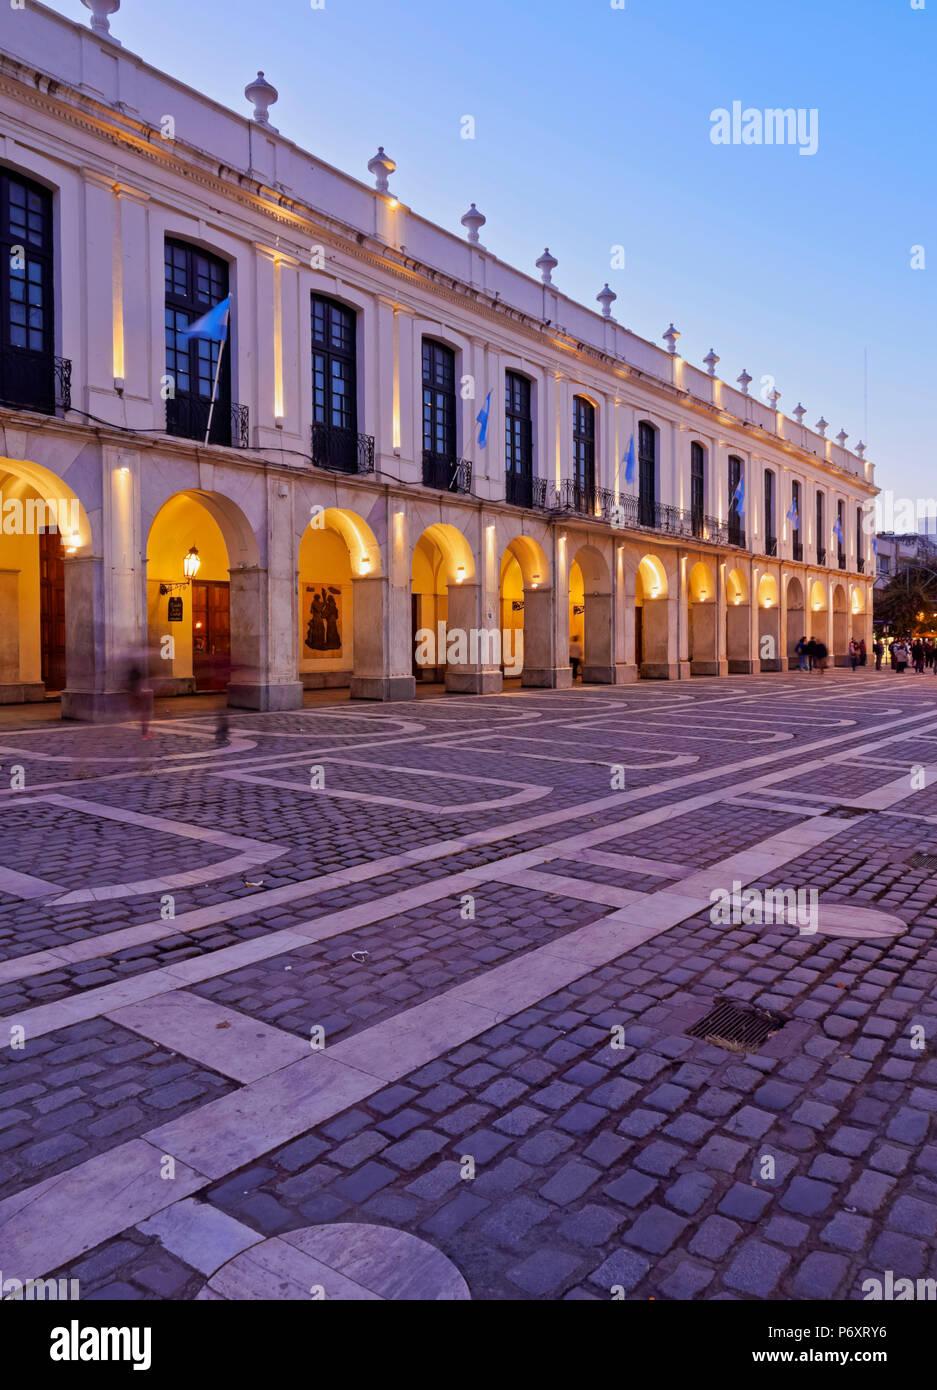 L'Argentine, Cordoba, Crépuscule vue du Cabildo de Cordoue, l'hôtel de ville coloniale. Photo Stock